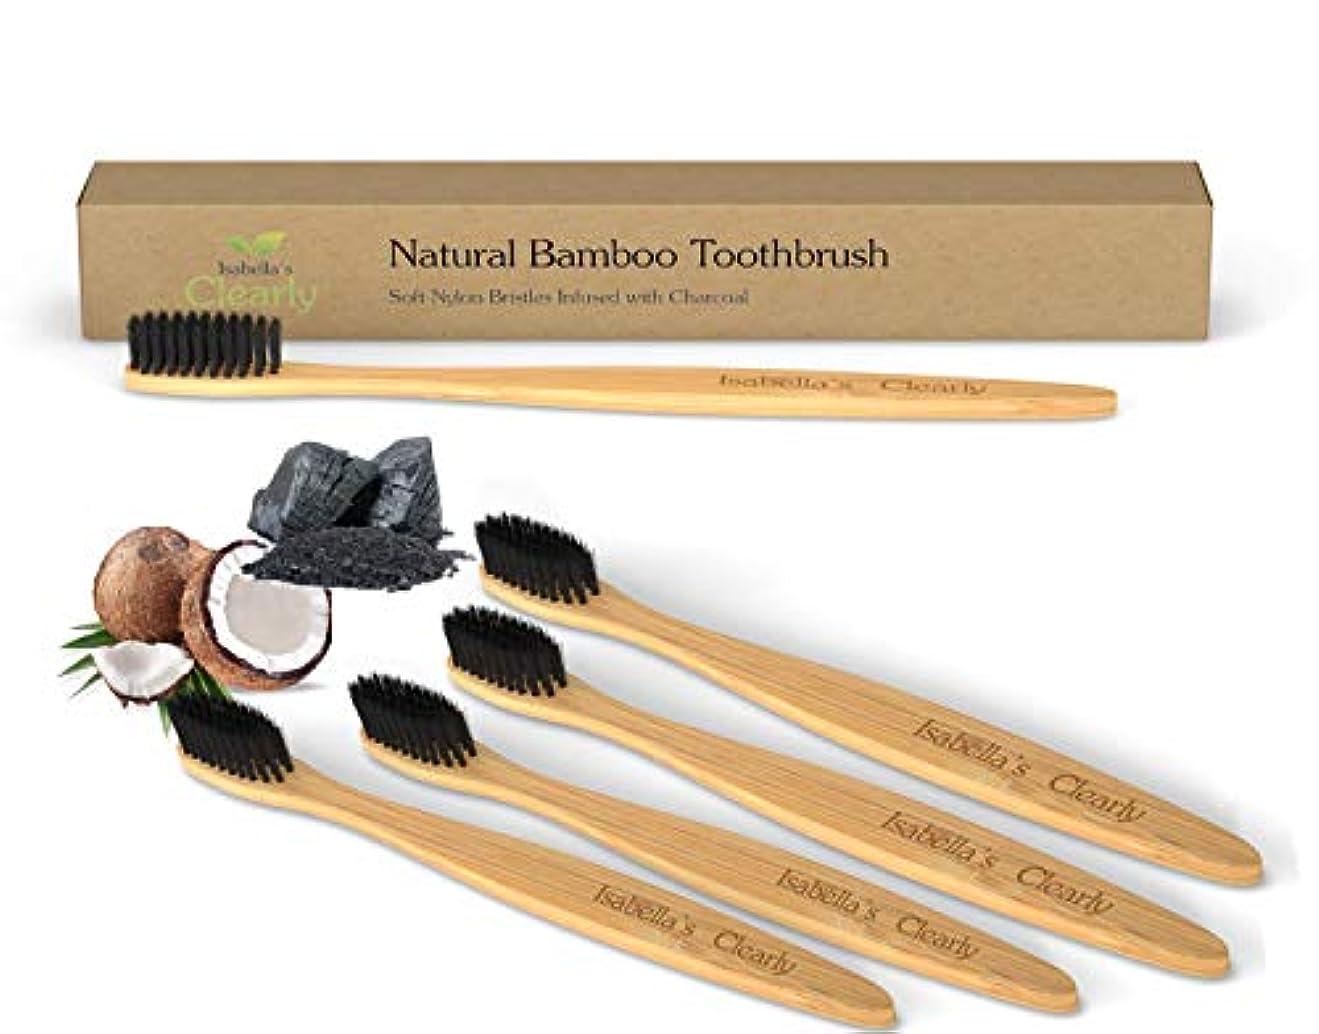 運ぶドナー発表するIsabella's Clearly 竹の歯ブラシ、優しく柔らかな木炭注入されたナイロン製のBPAフリーの毛、天然有機材料 4